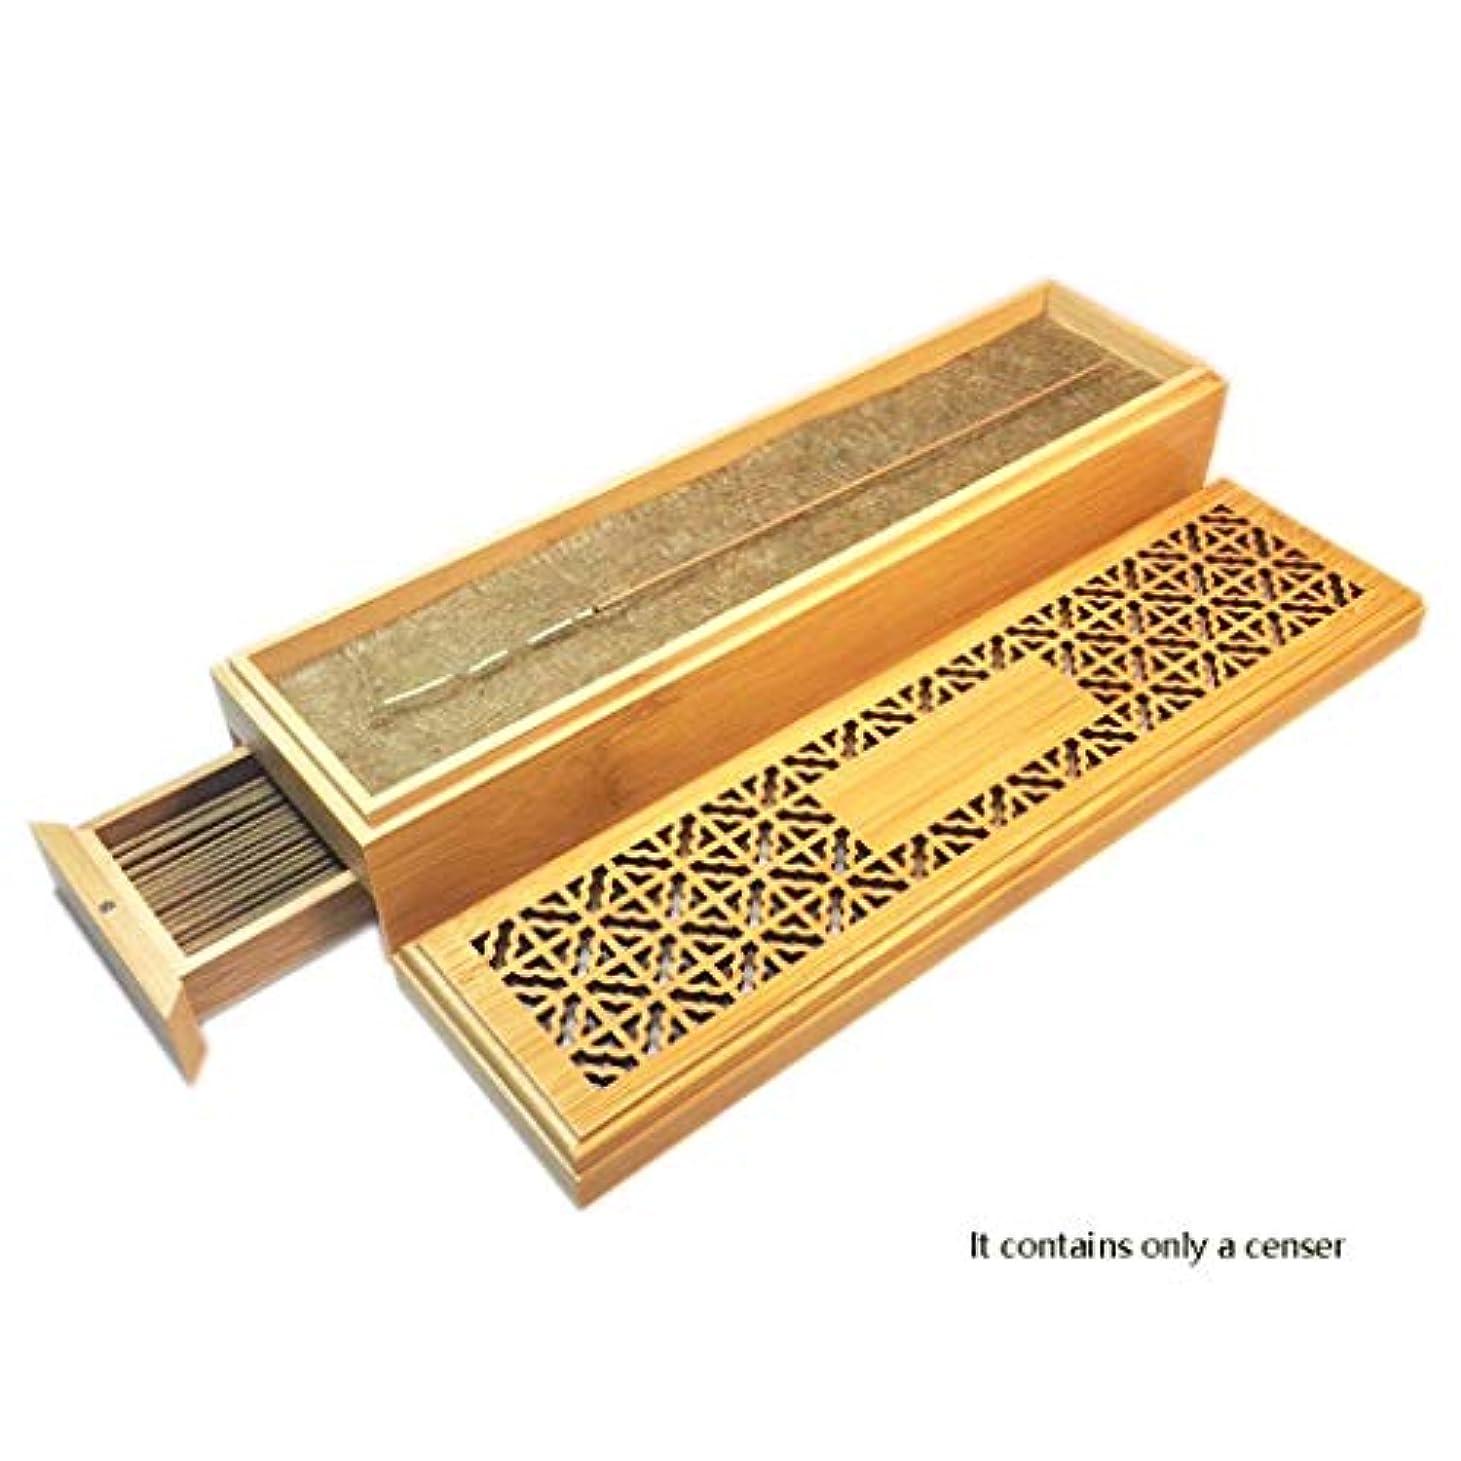 皮肉比率規定ホームアロマバーナー 竹製お香バーナー引き出し付スティック収納ボックス中空木製ケースボックスIncensoスティックホルダー 芳香器アロマバーナー (Color : Natural)